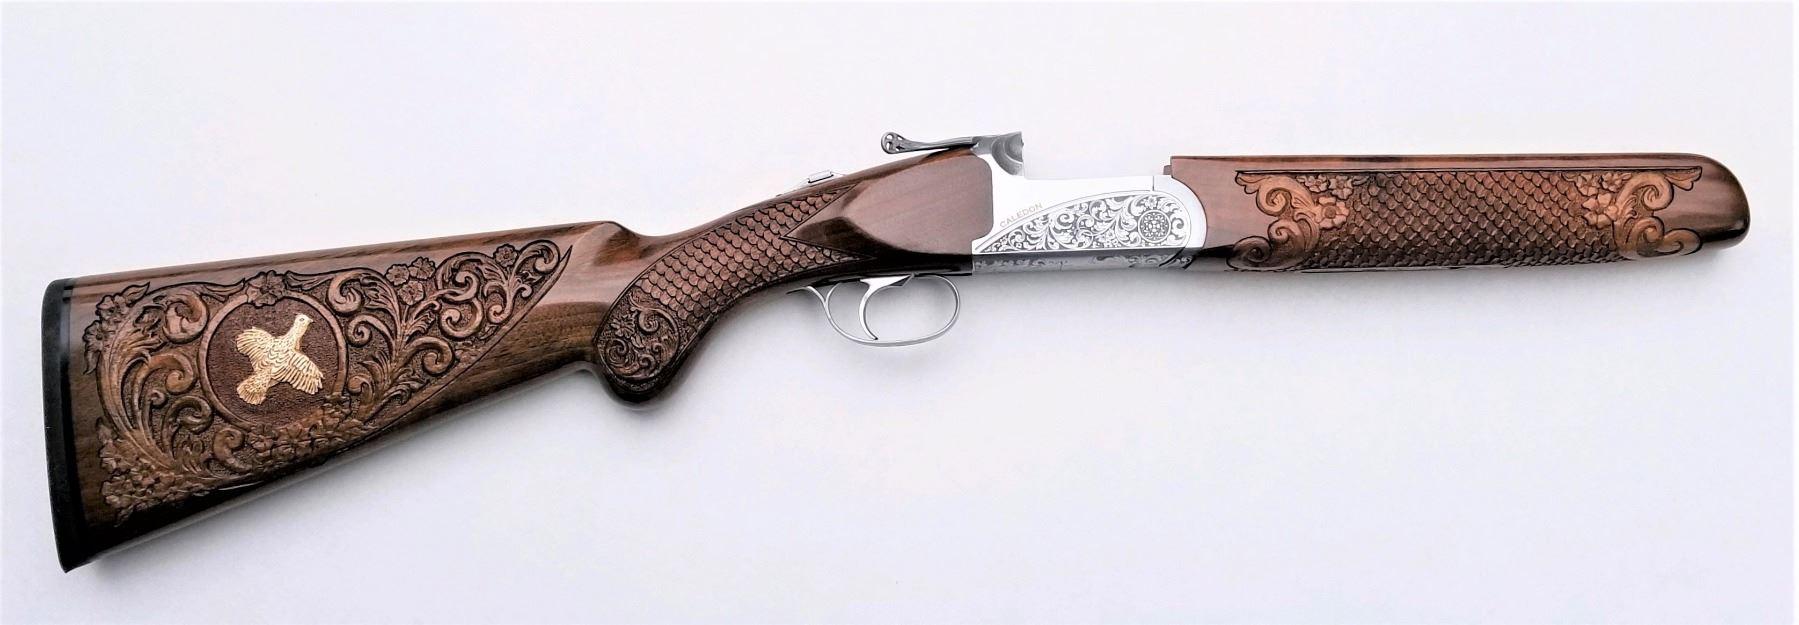 JOSE VALENCIA STUDIO: Custom Gunstock Carving